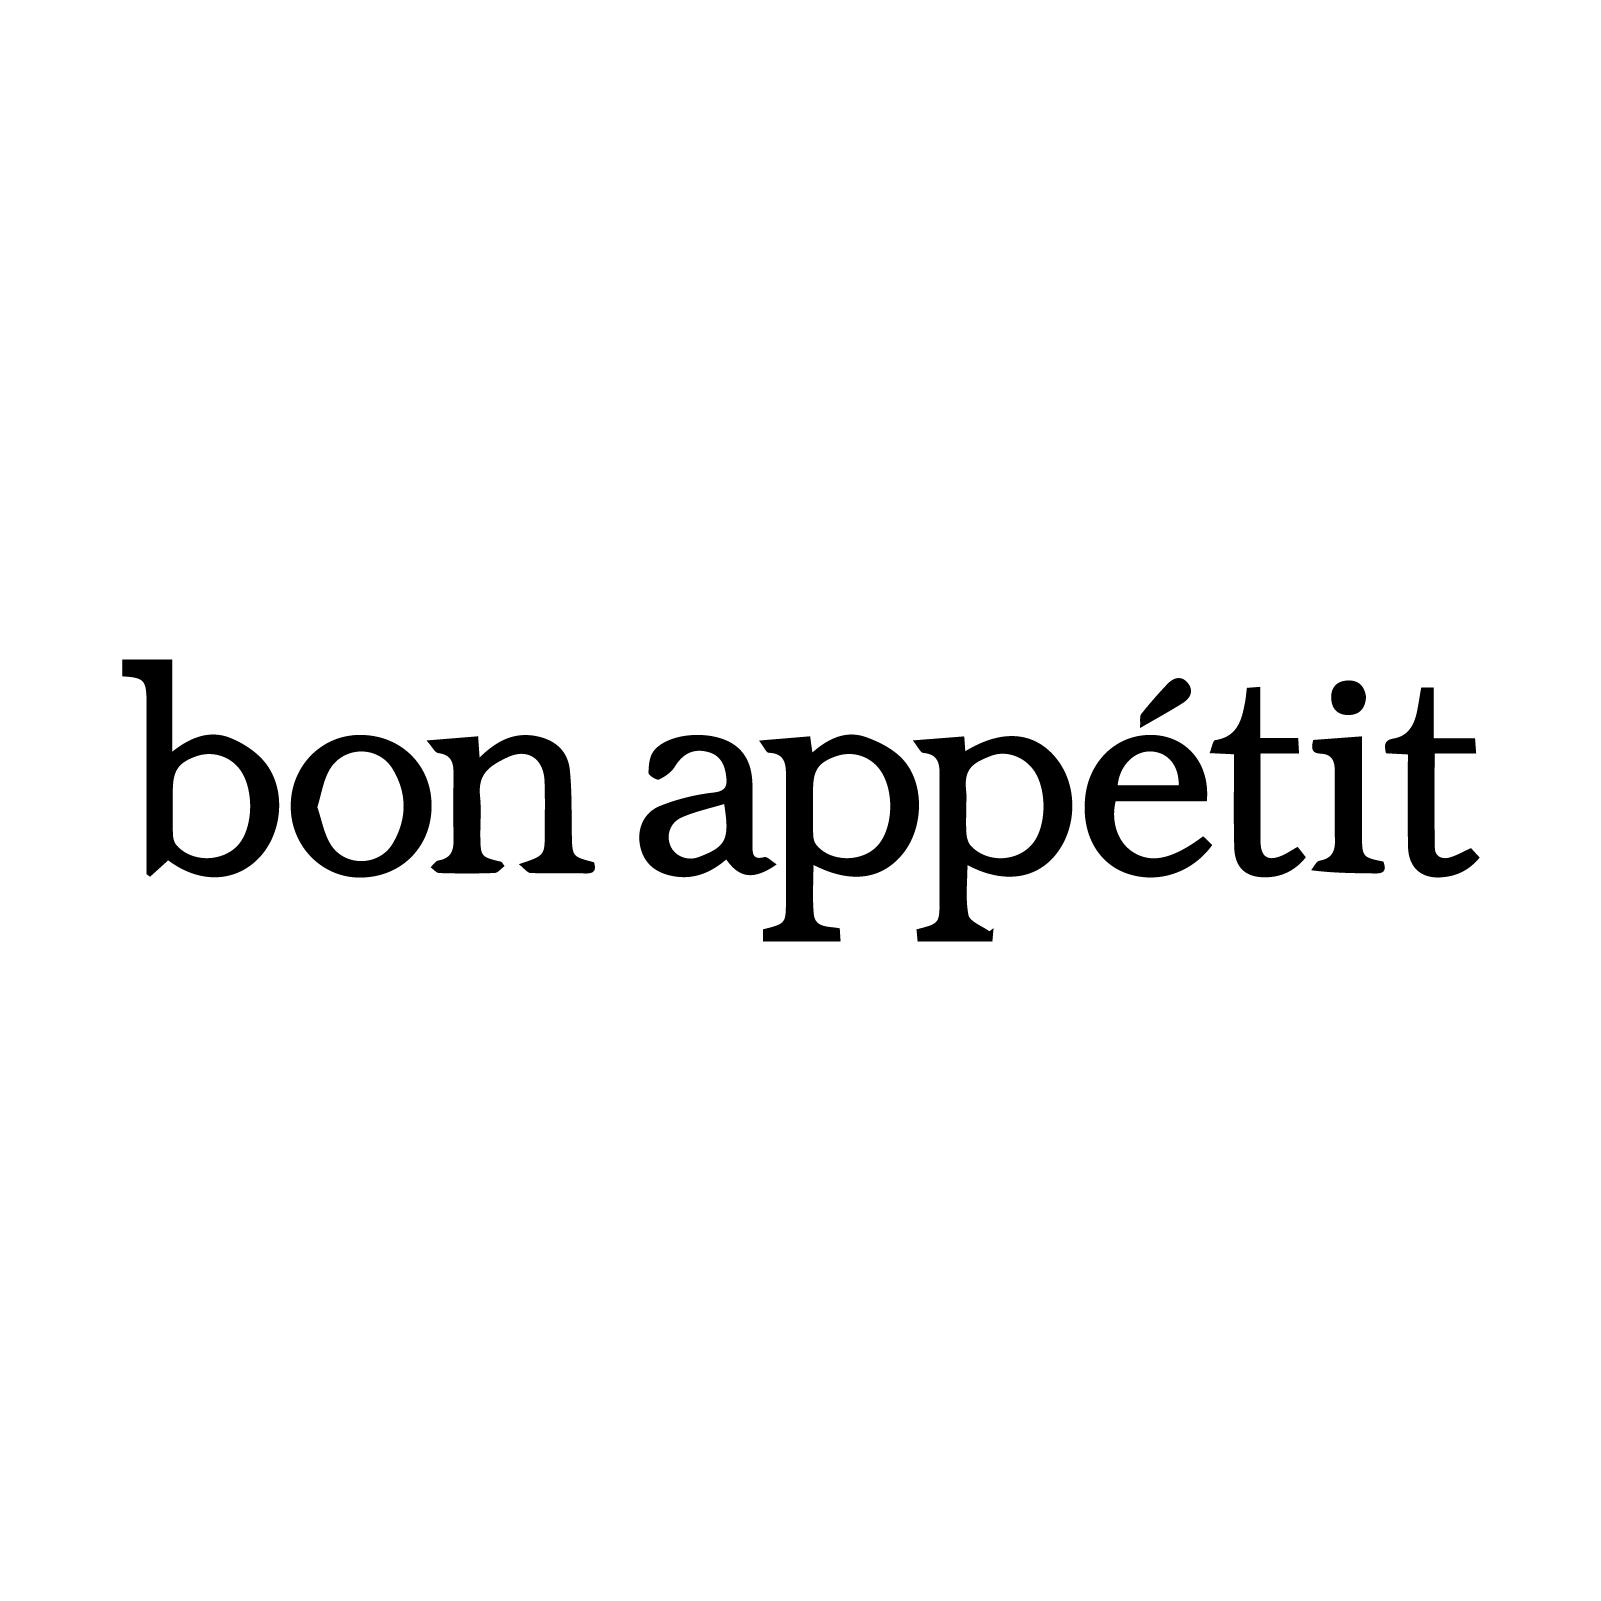 Press Logos_bon appetit.png